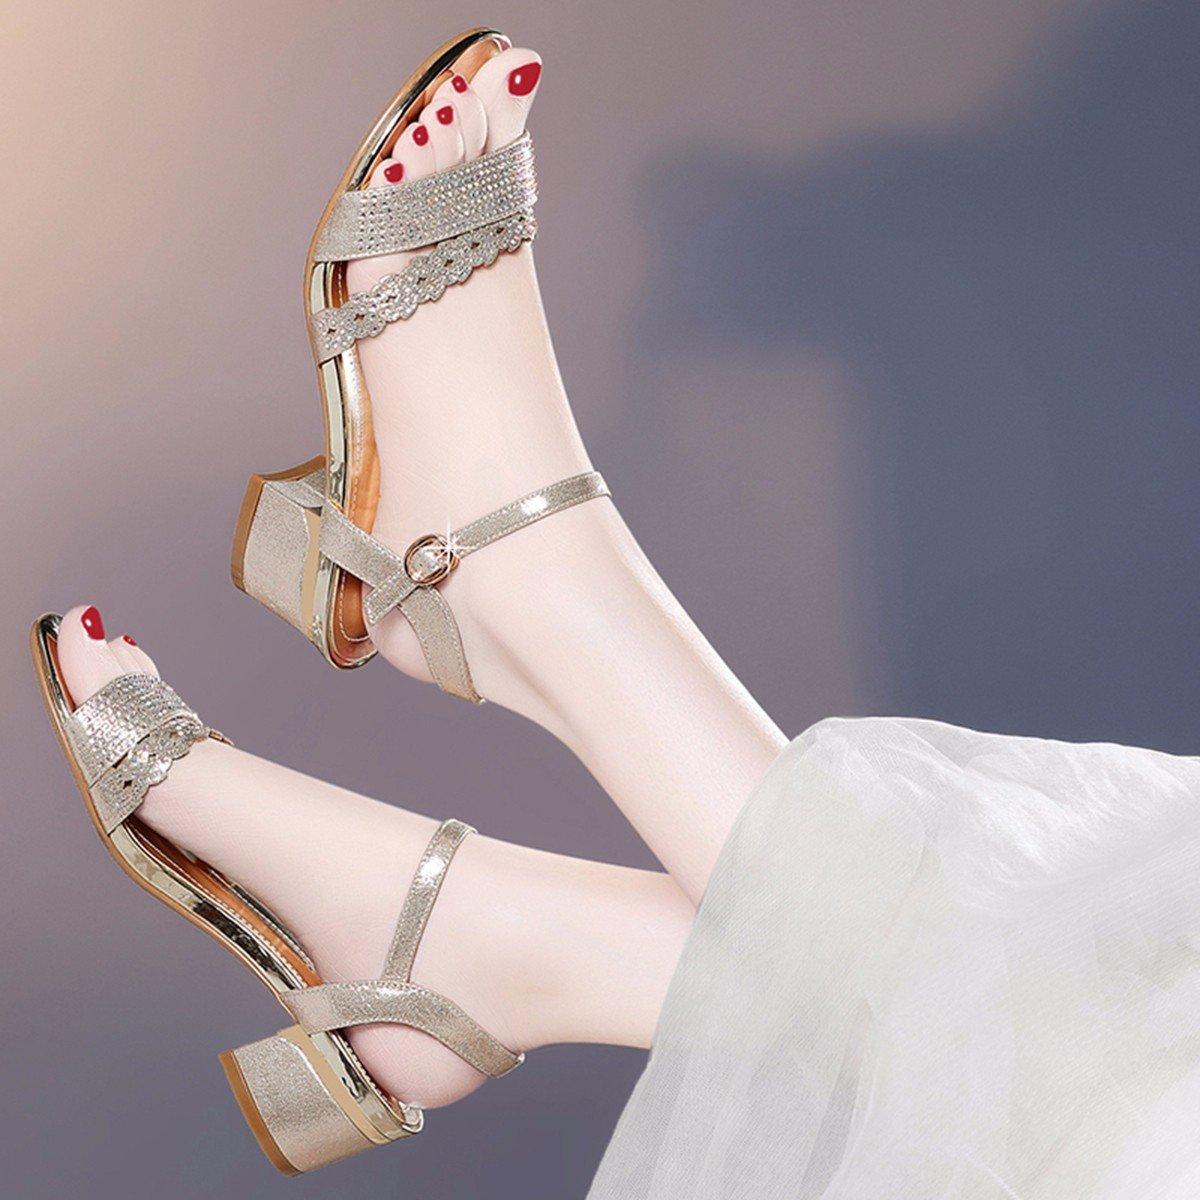 JRFBA-Schuhe Sommer - Koreanische Edition mit Dick und und und Bequem Sexy Hochhackigen Sandalen Damenschuhe  25de14